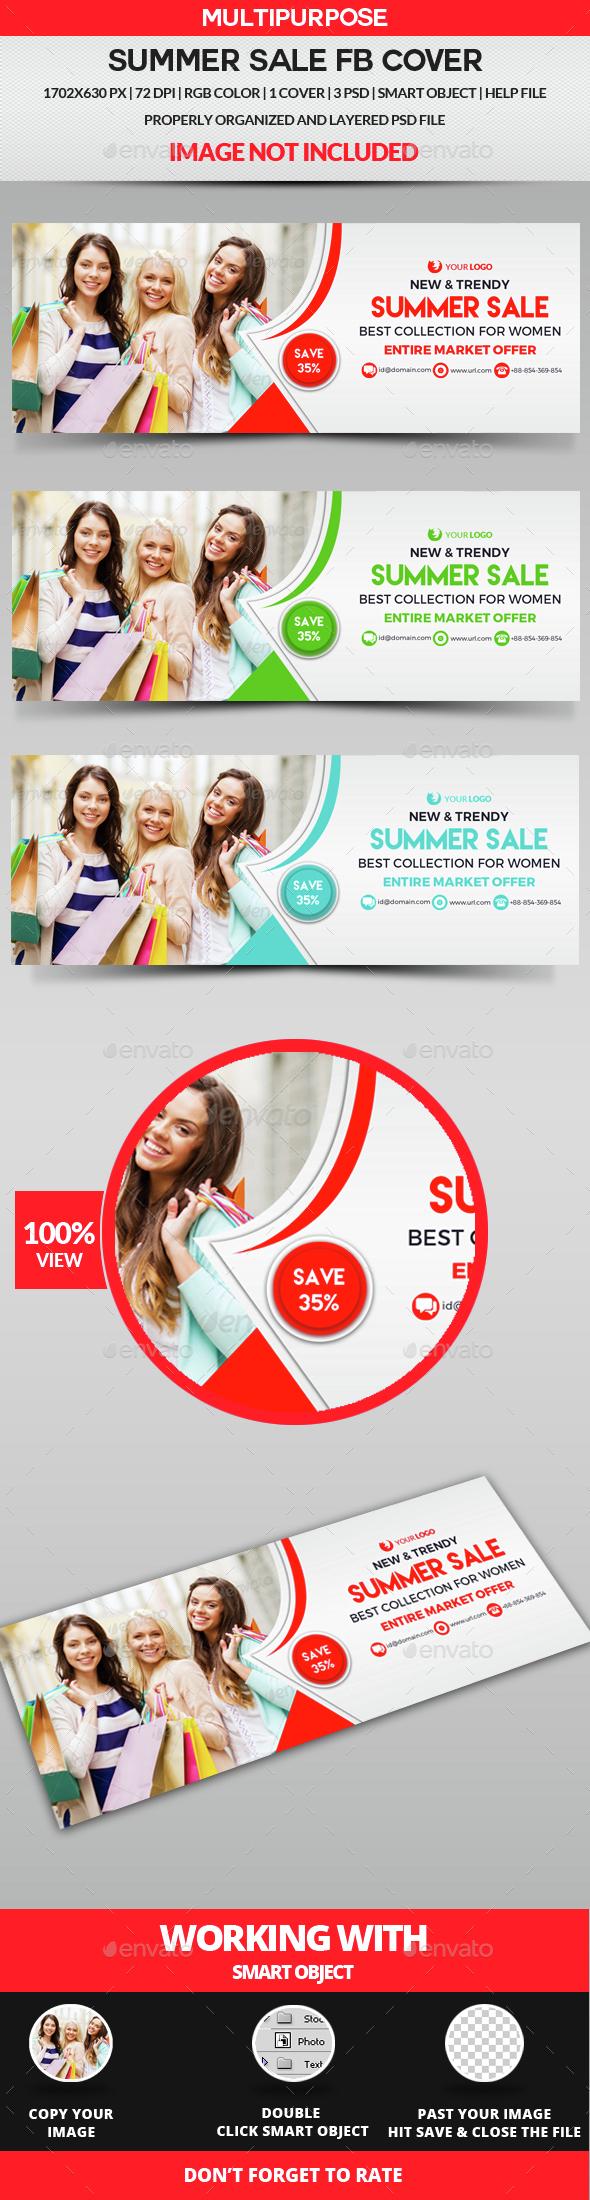 Summer Sale Facebook Cover - Facebook Timeline Covers Social Media